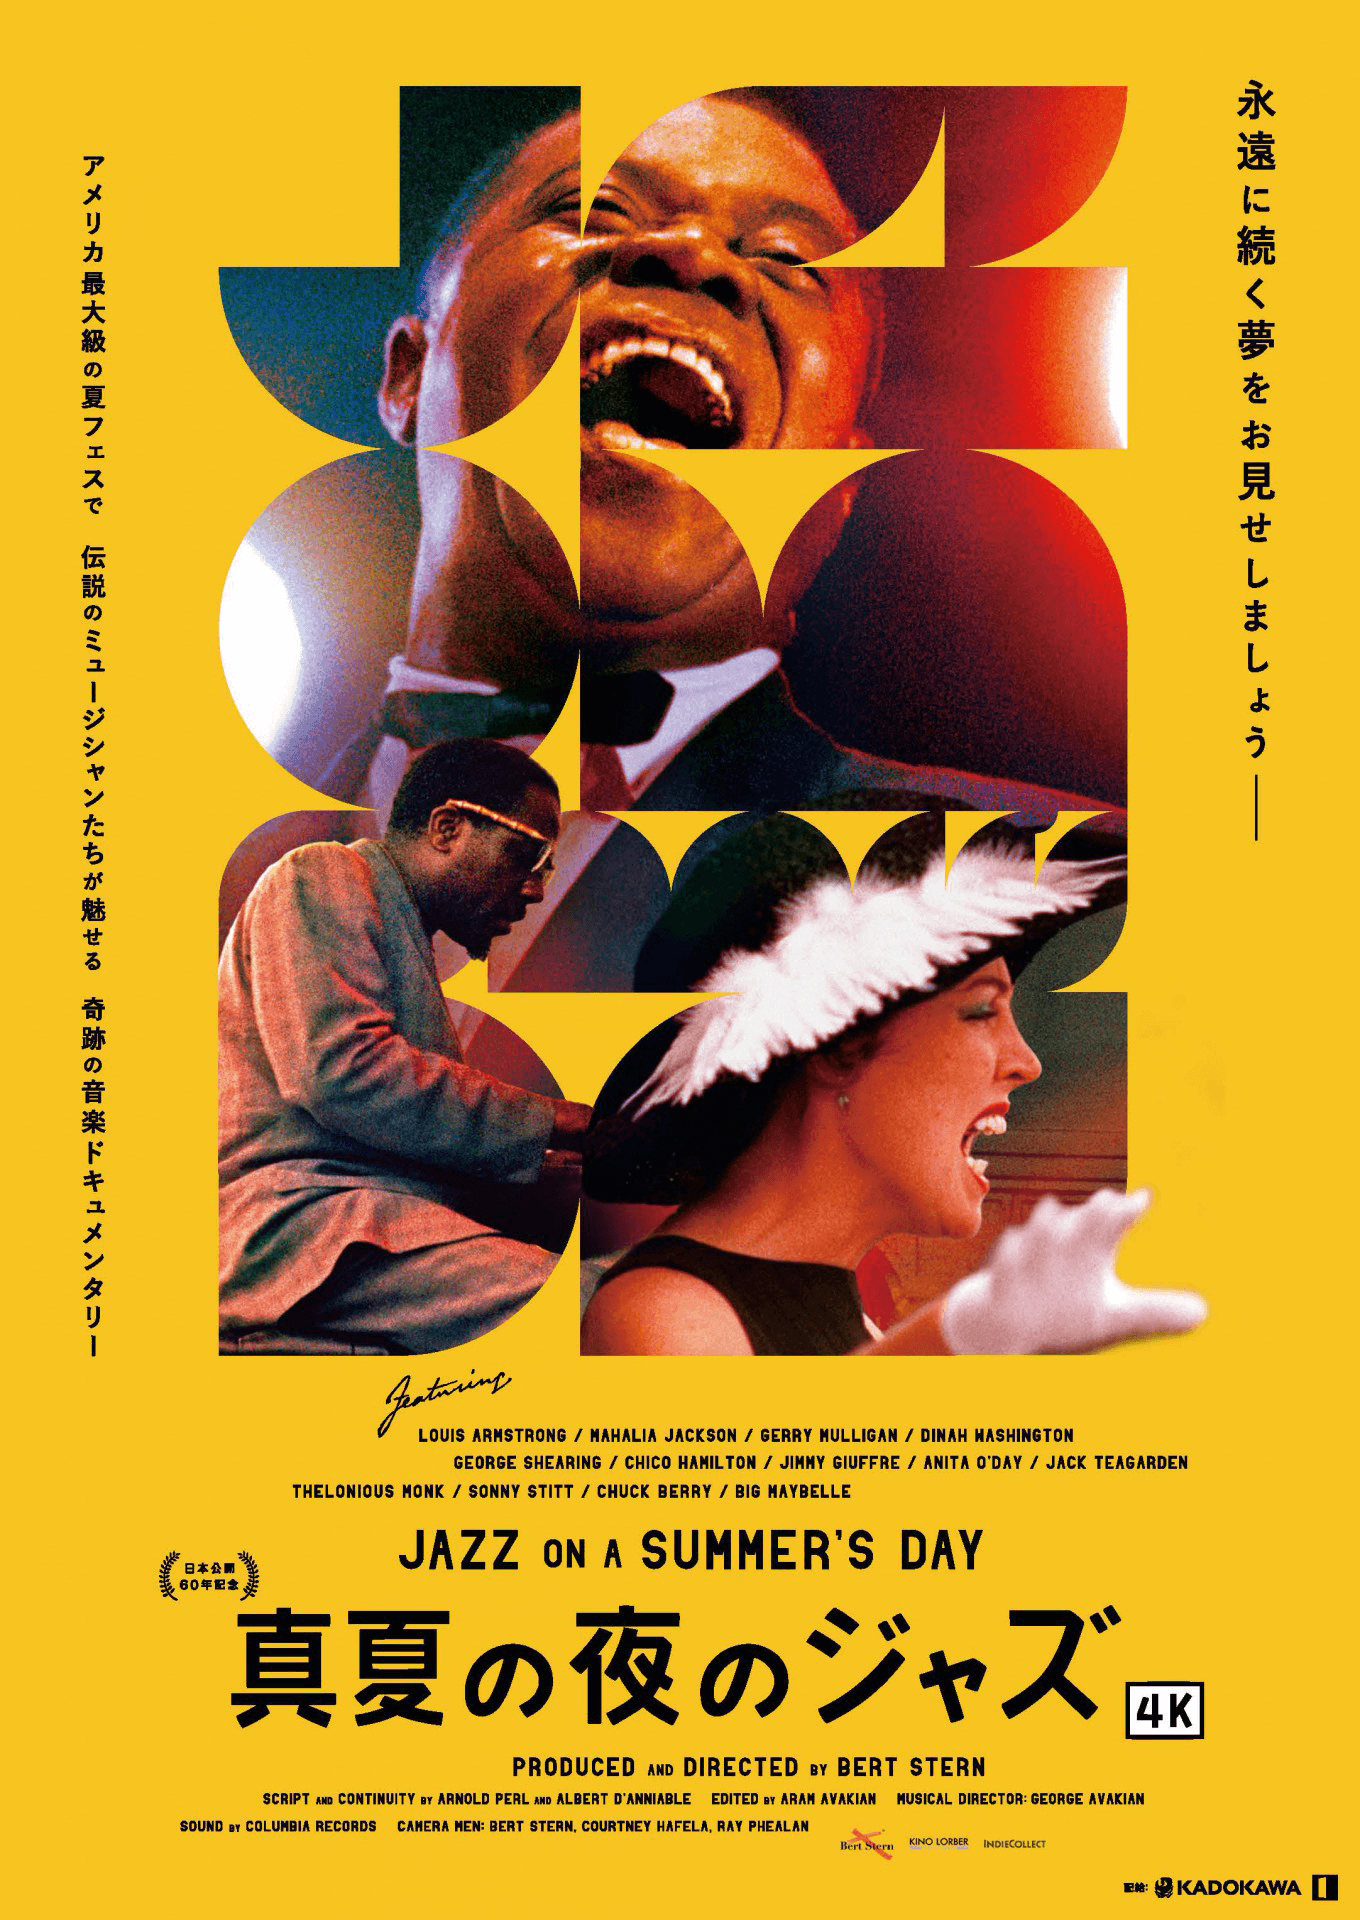 ポスター写真:「真夏の夜のジャズ 4K」